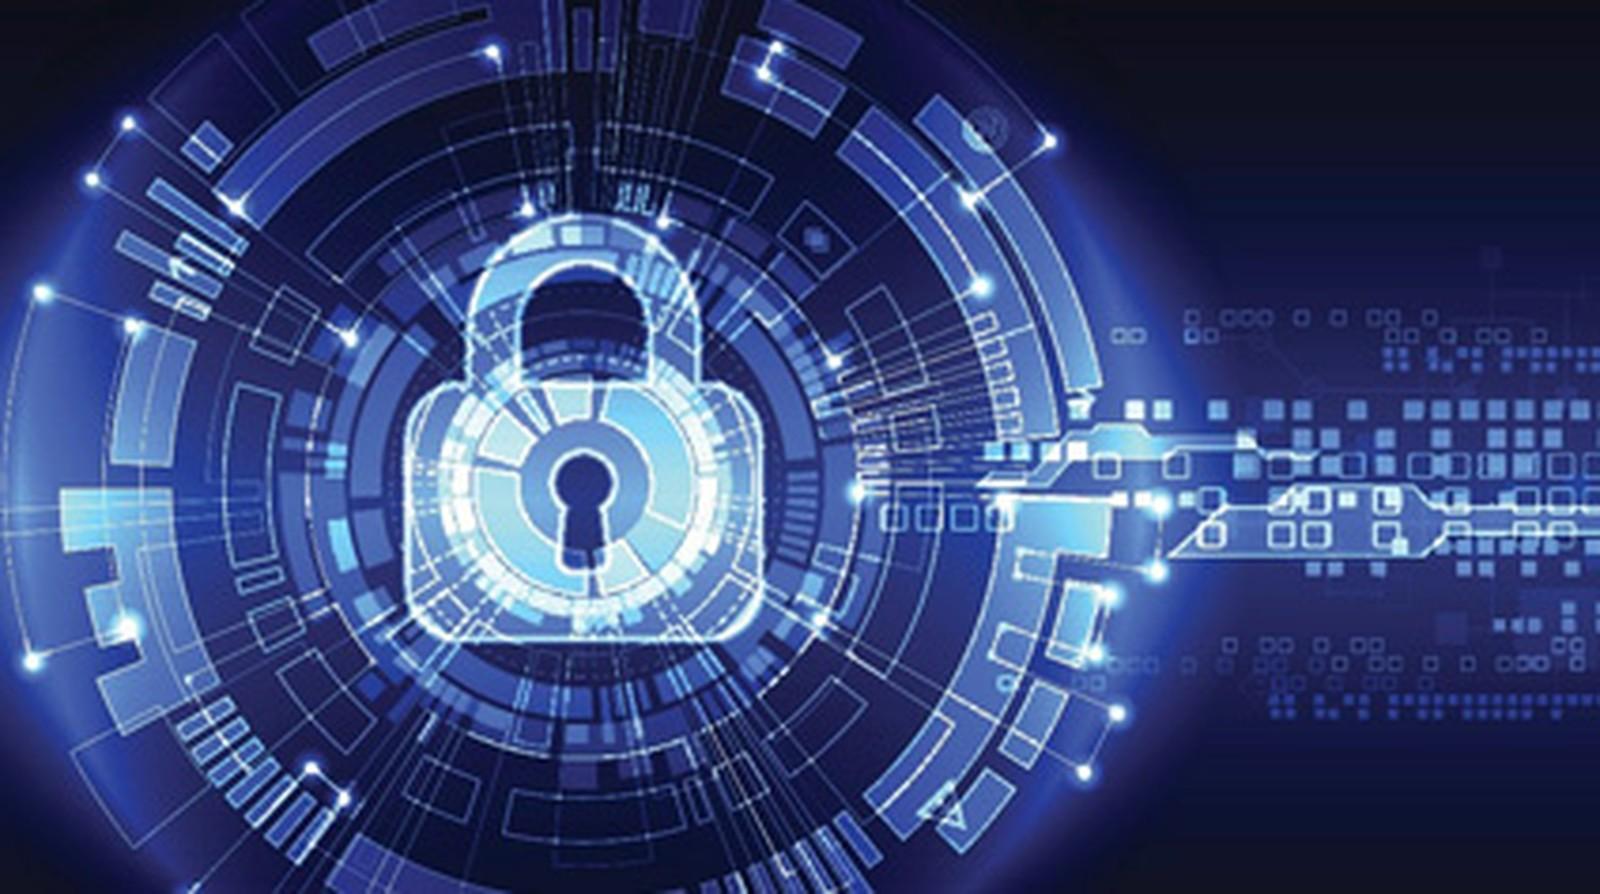 Fuja de golpes digitais: dicas de como se proteger na internet